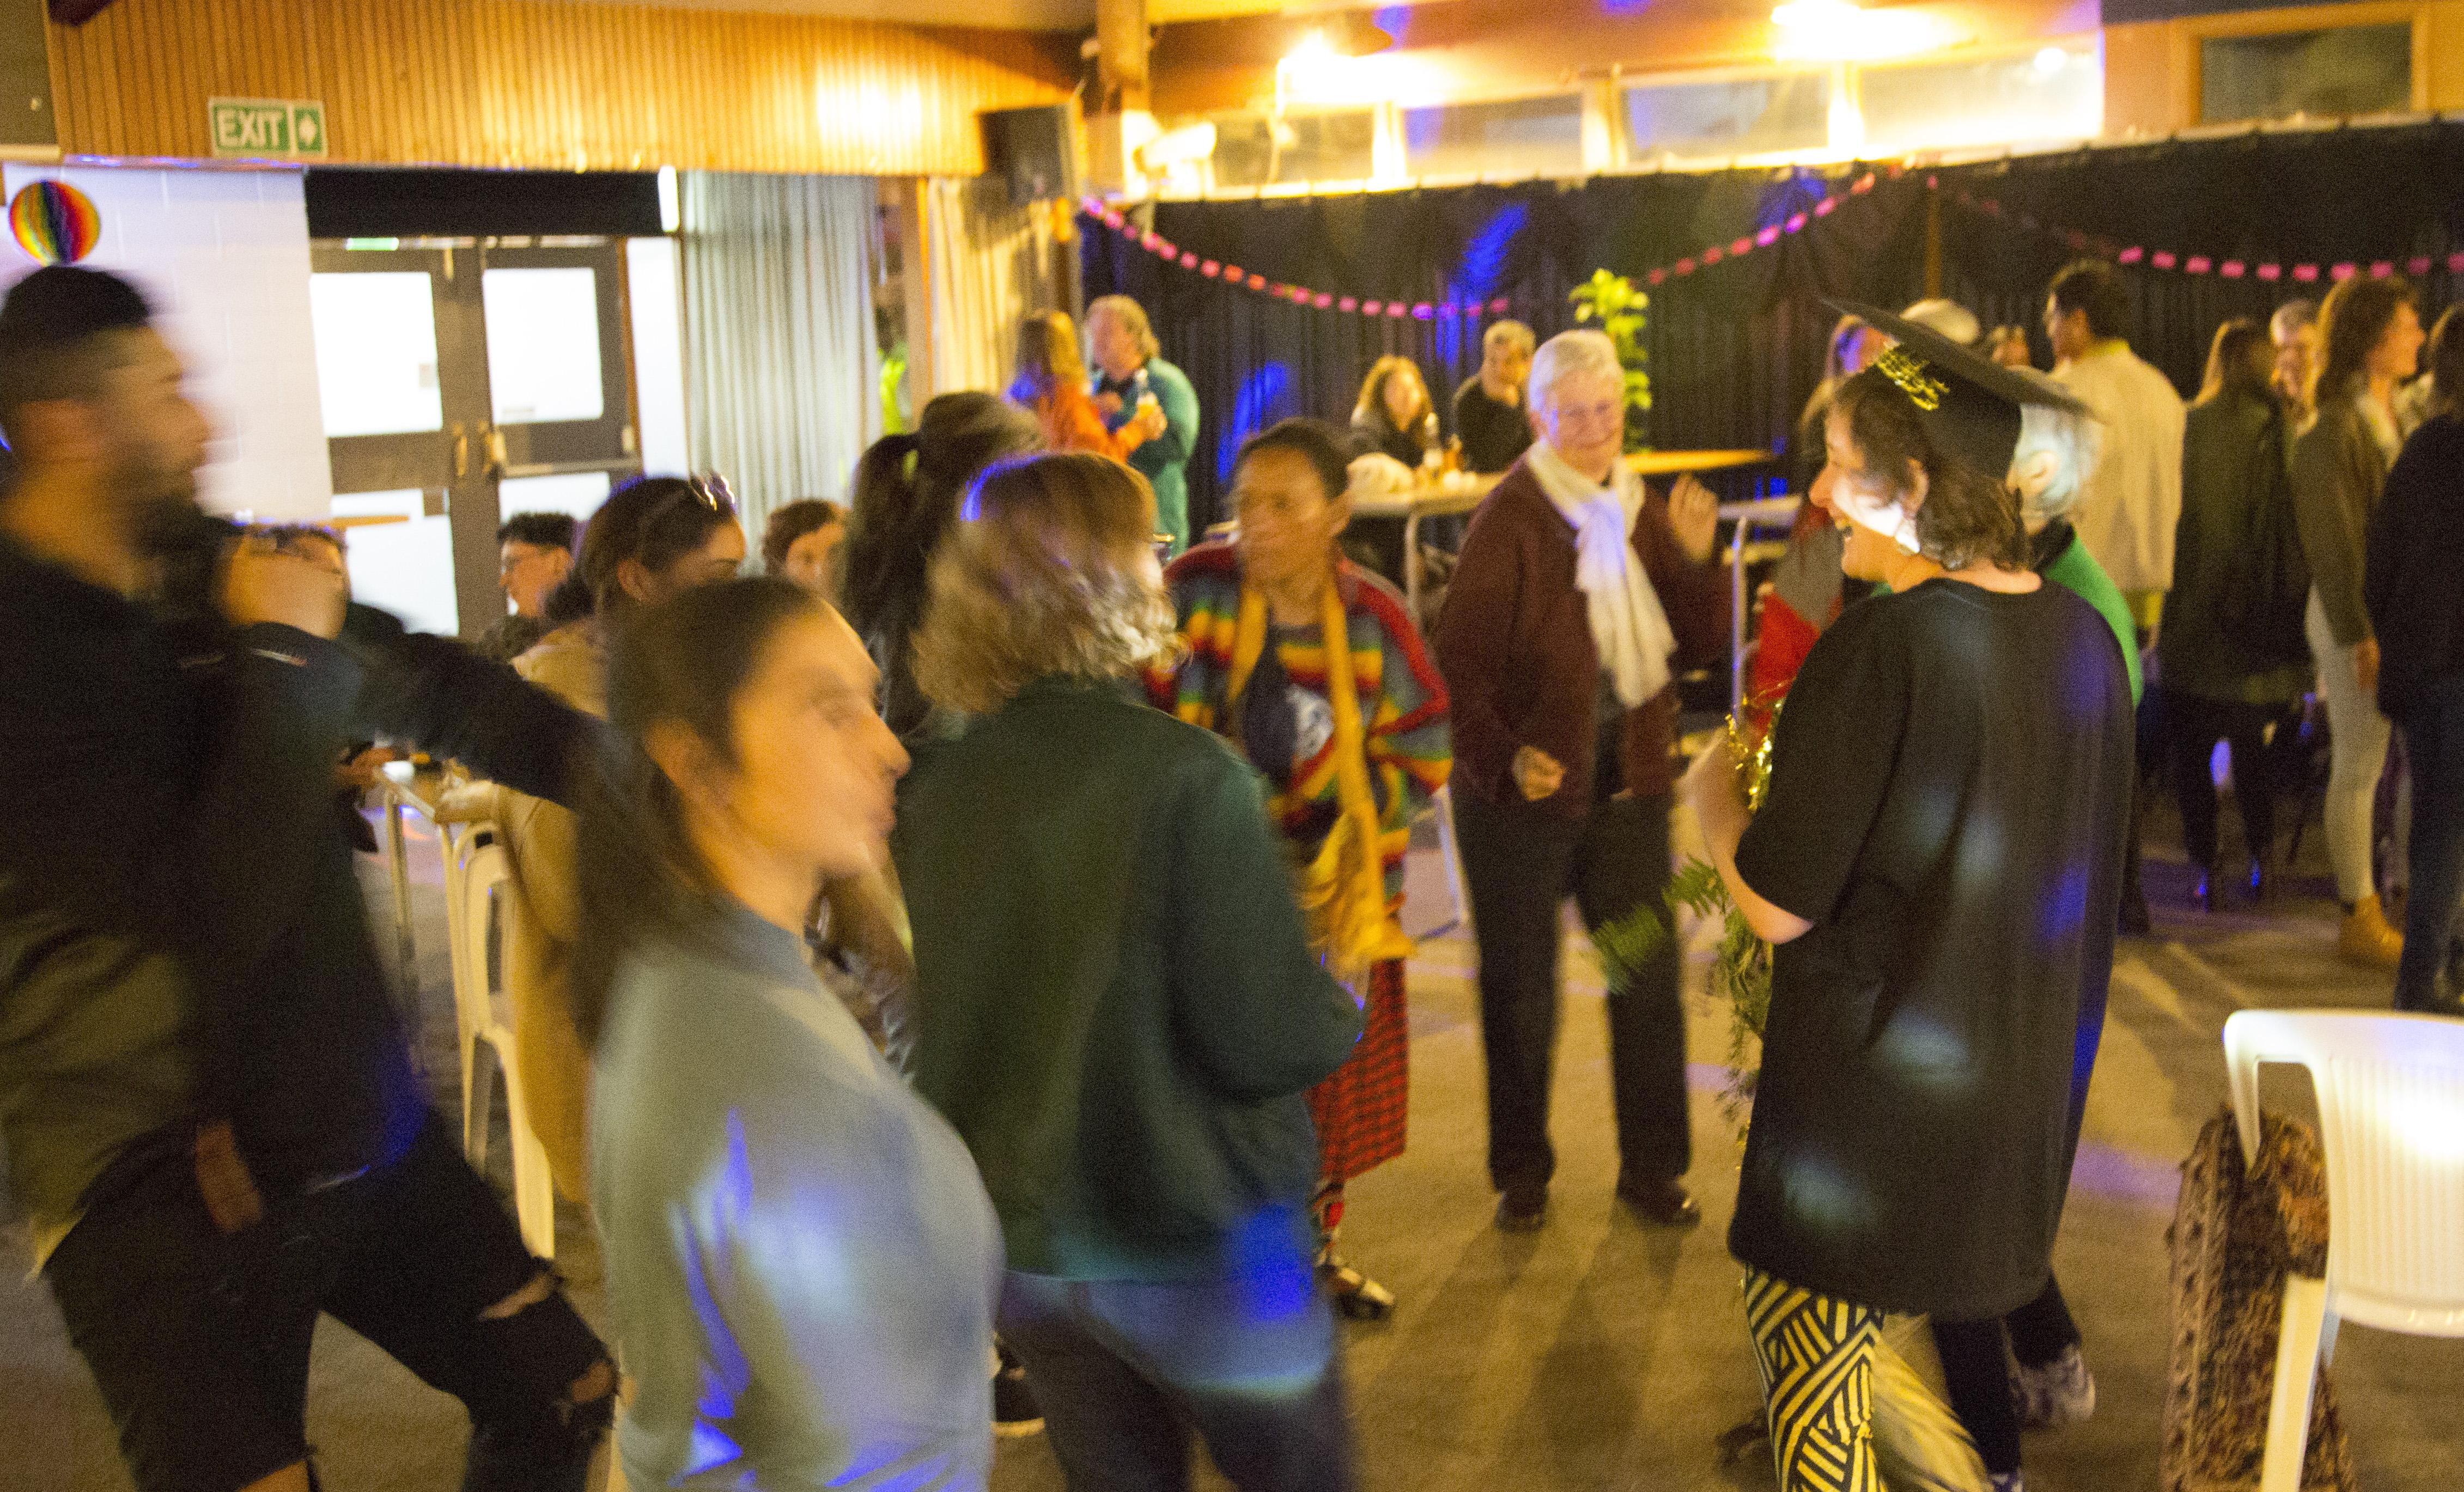 Group gathering, dancing